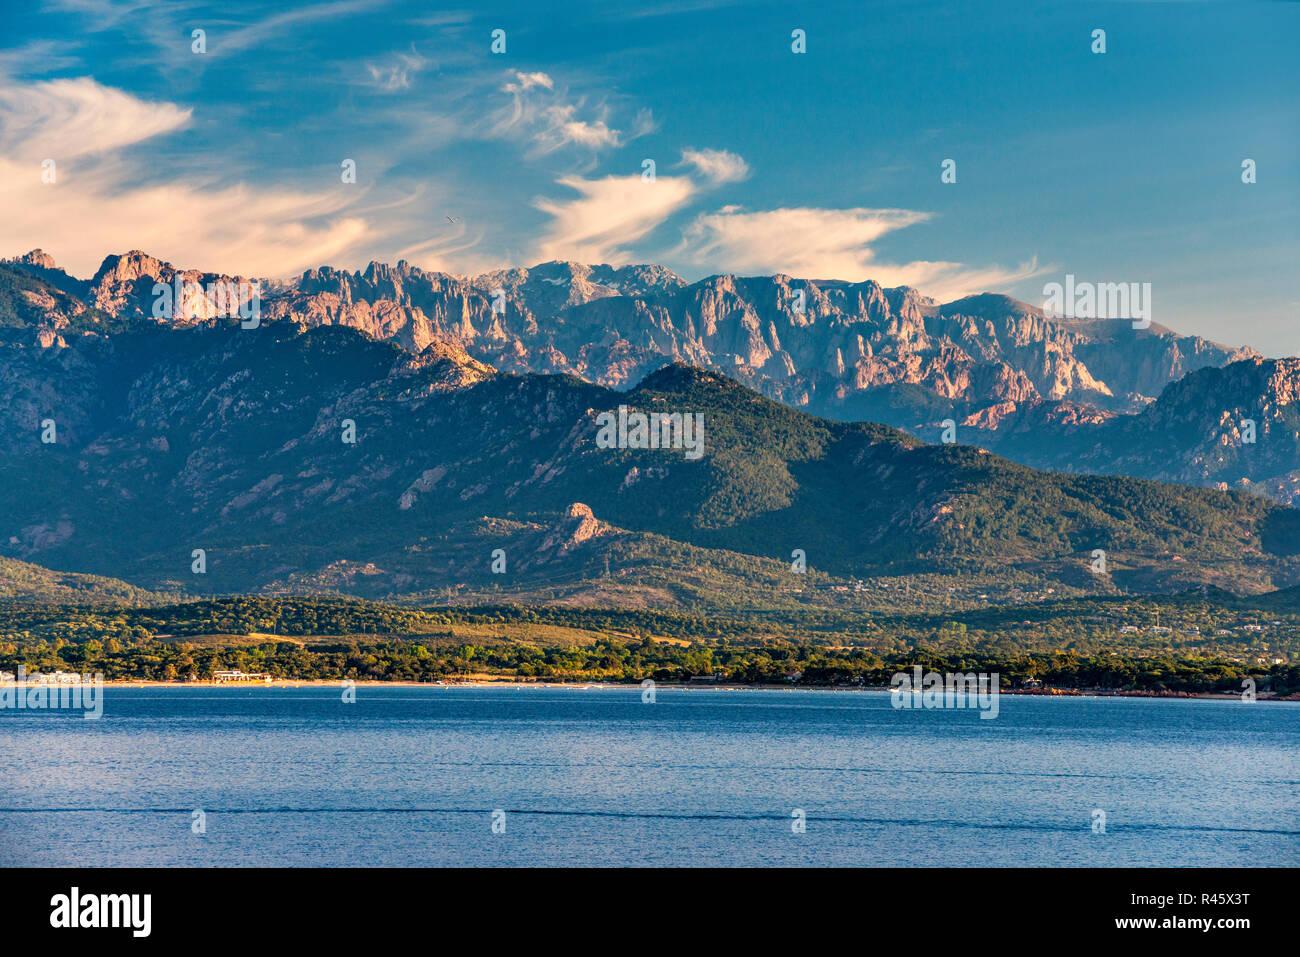 Aiguilles de Bavella and Monte Incudine massif, sunrise, Golfe de Porto-Vecchio, Tyrrhenian Sea, near Porto-Vecchio, Corse-du-Sud, Corsica, France Stock Photo